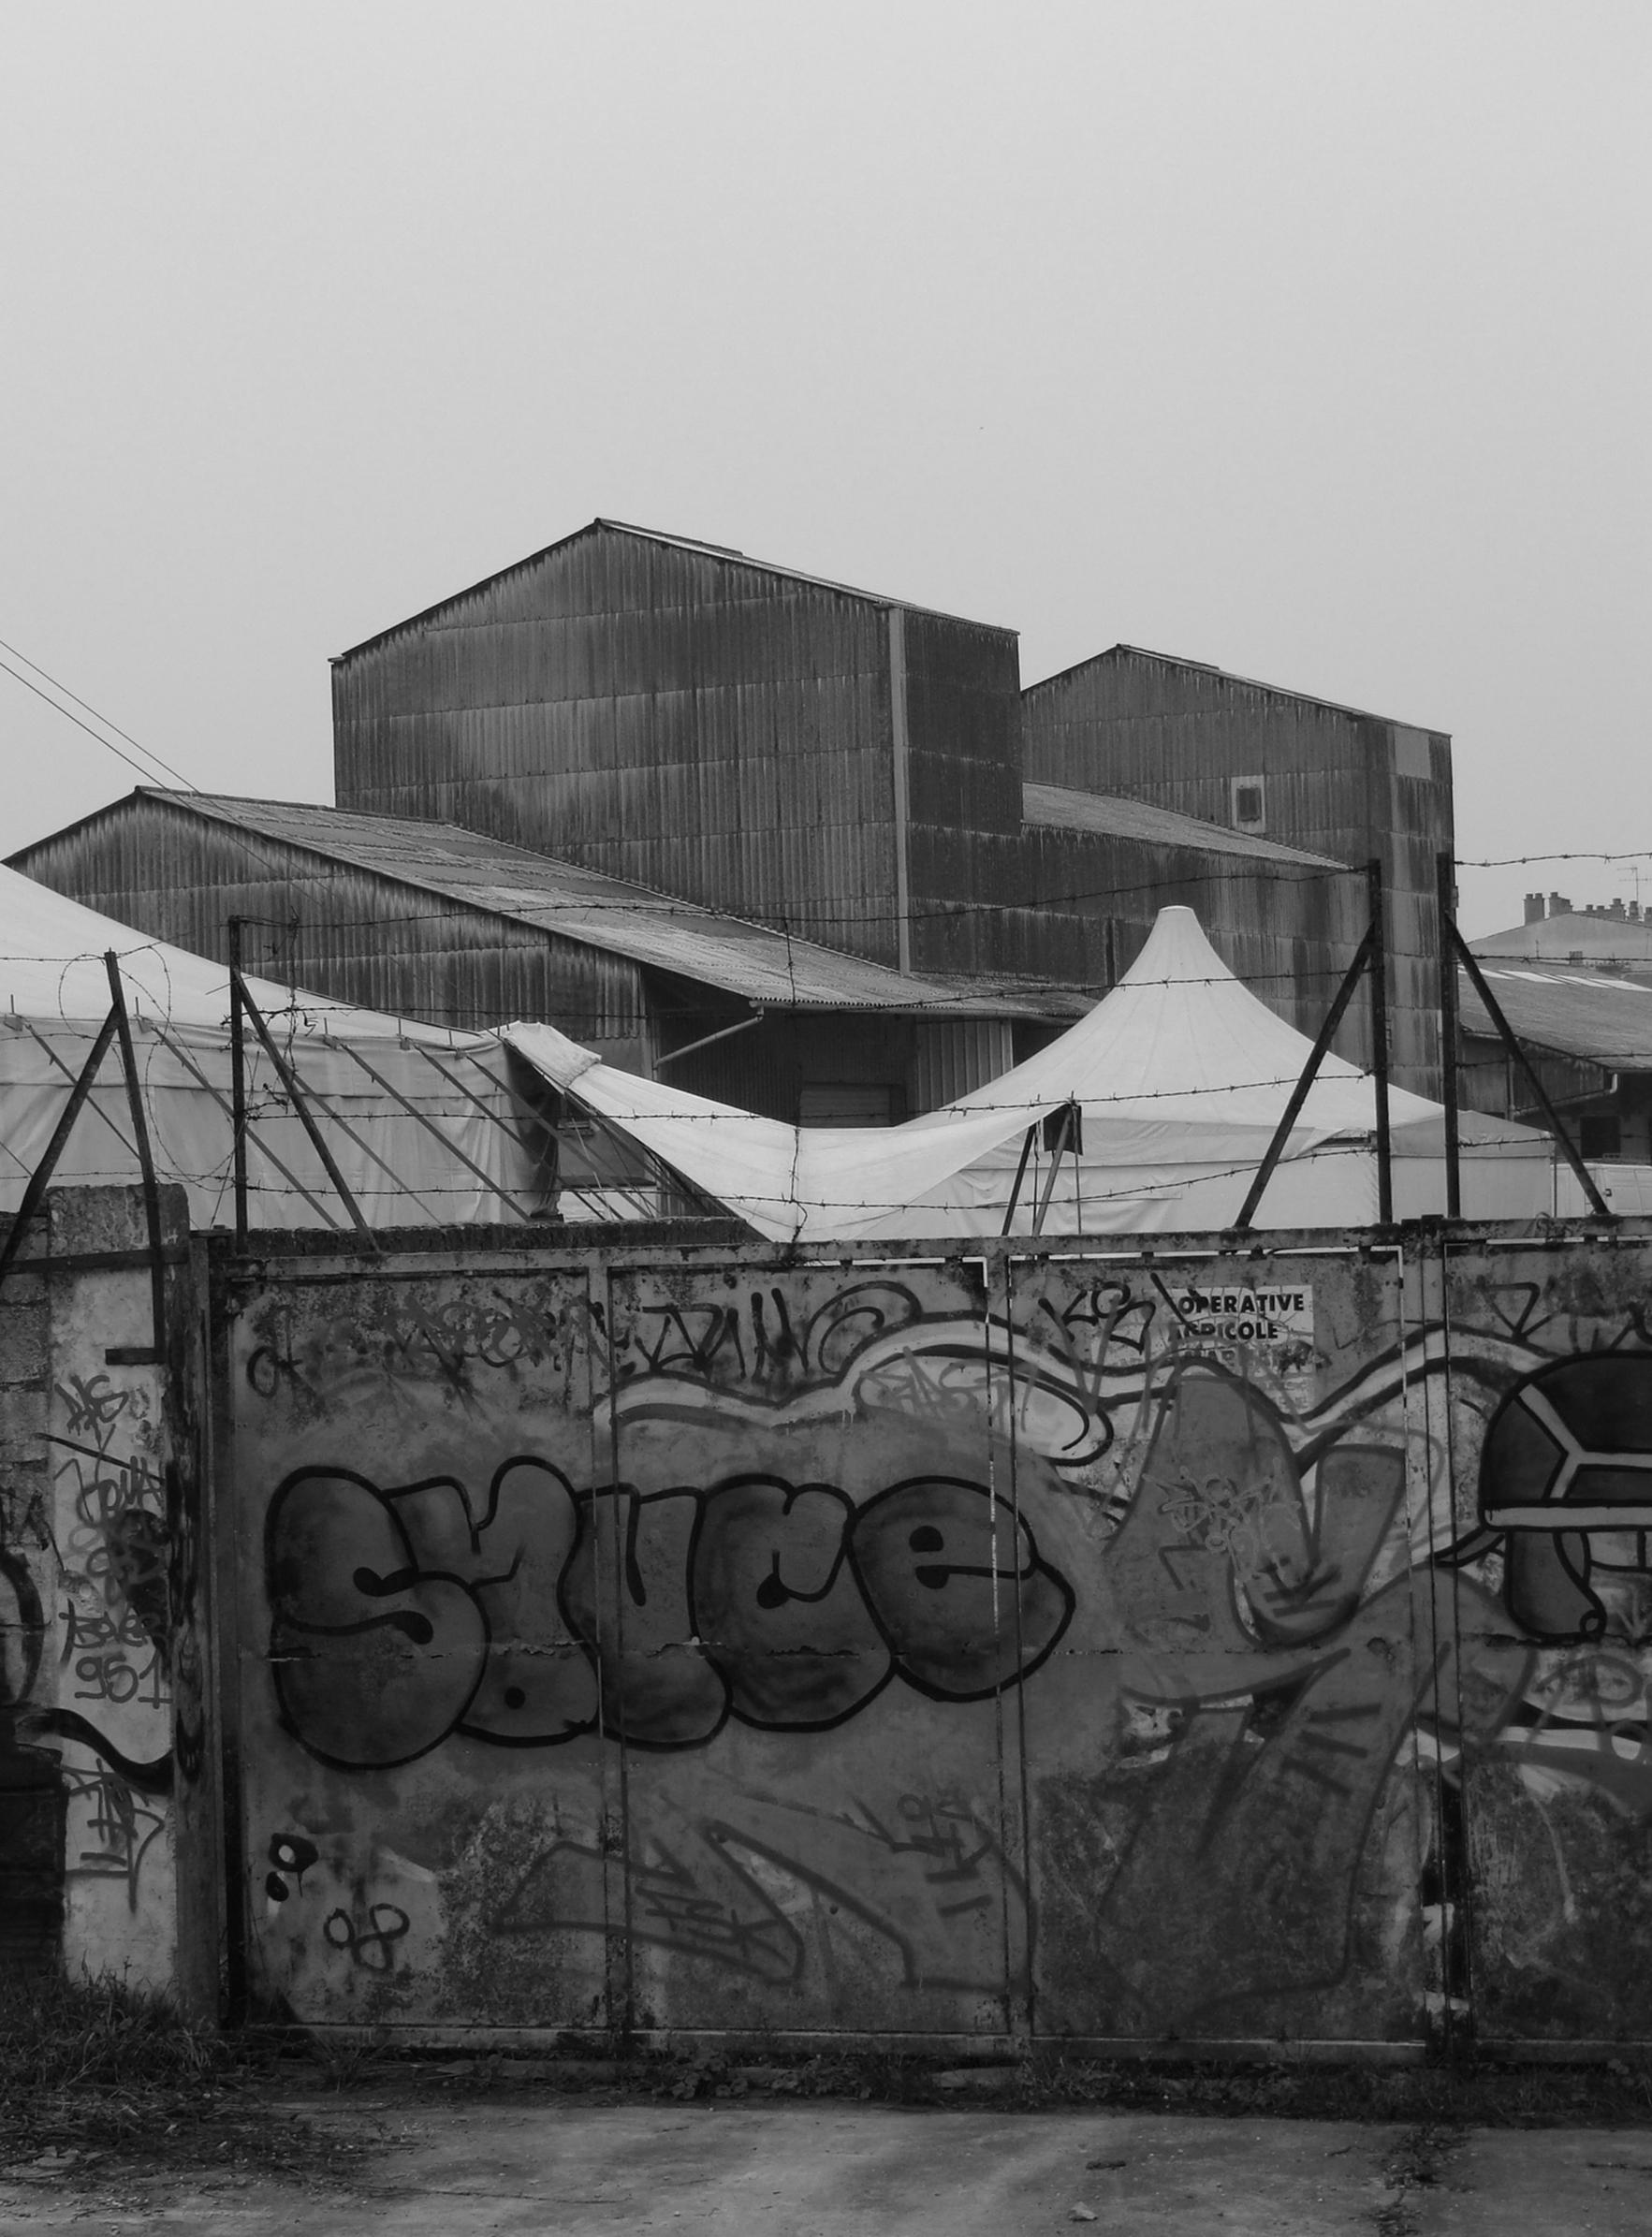 Le CNAC 07 - Friches + Culturel - Caractère Spécial Matthieu Poitevin Architecture